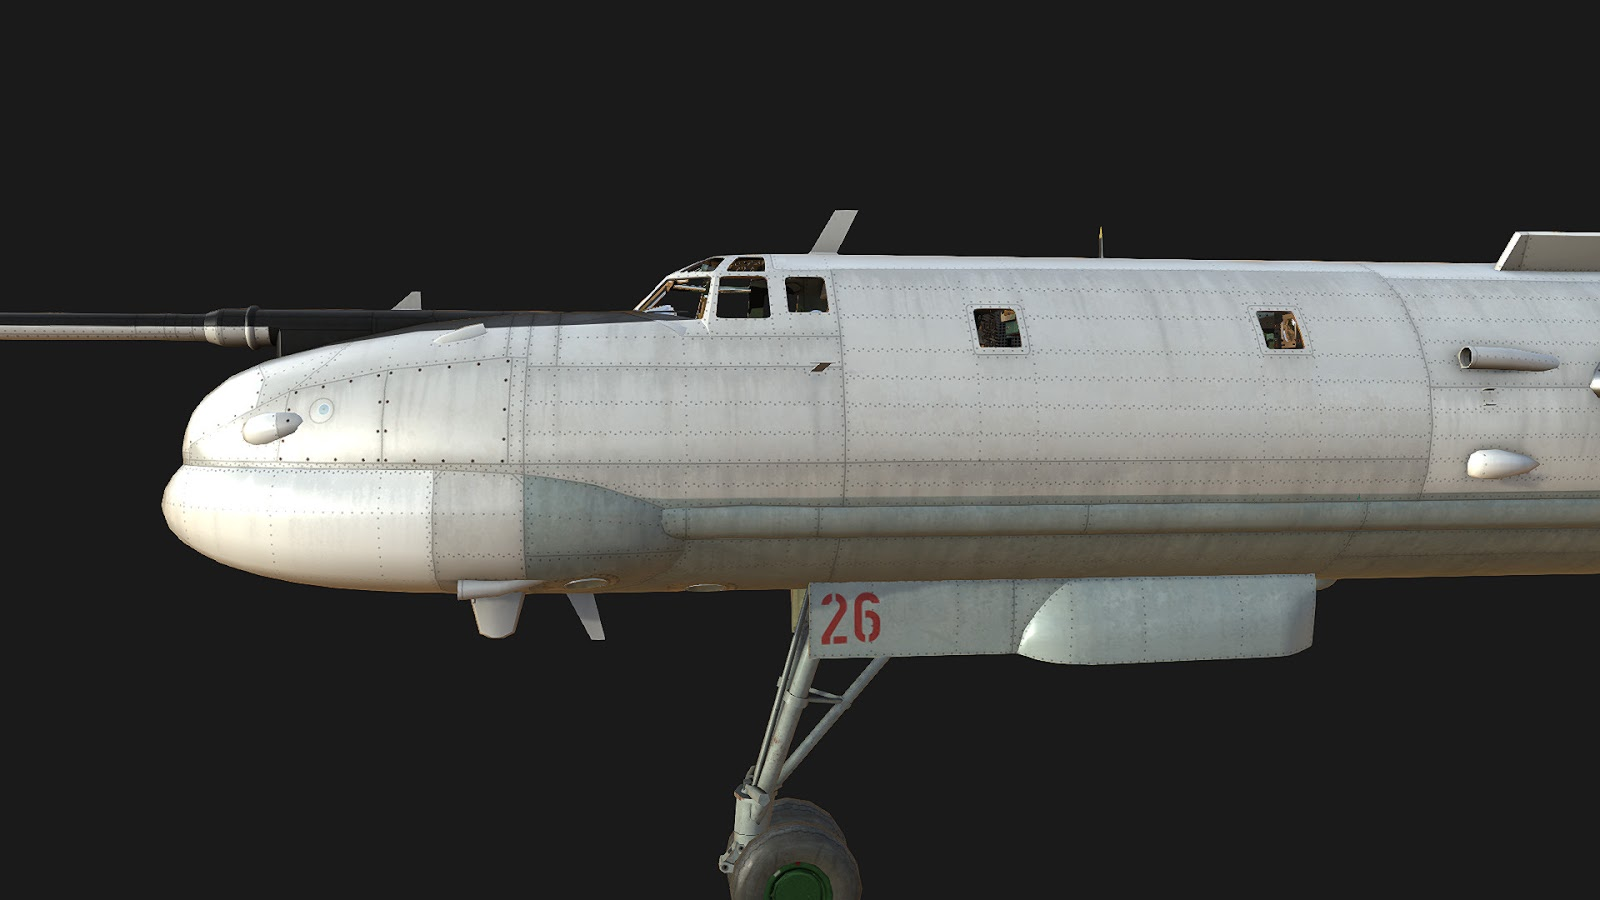 Tu 95 (航空機)の画像 p1_29